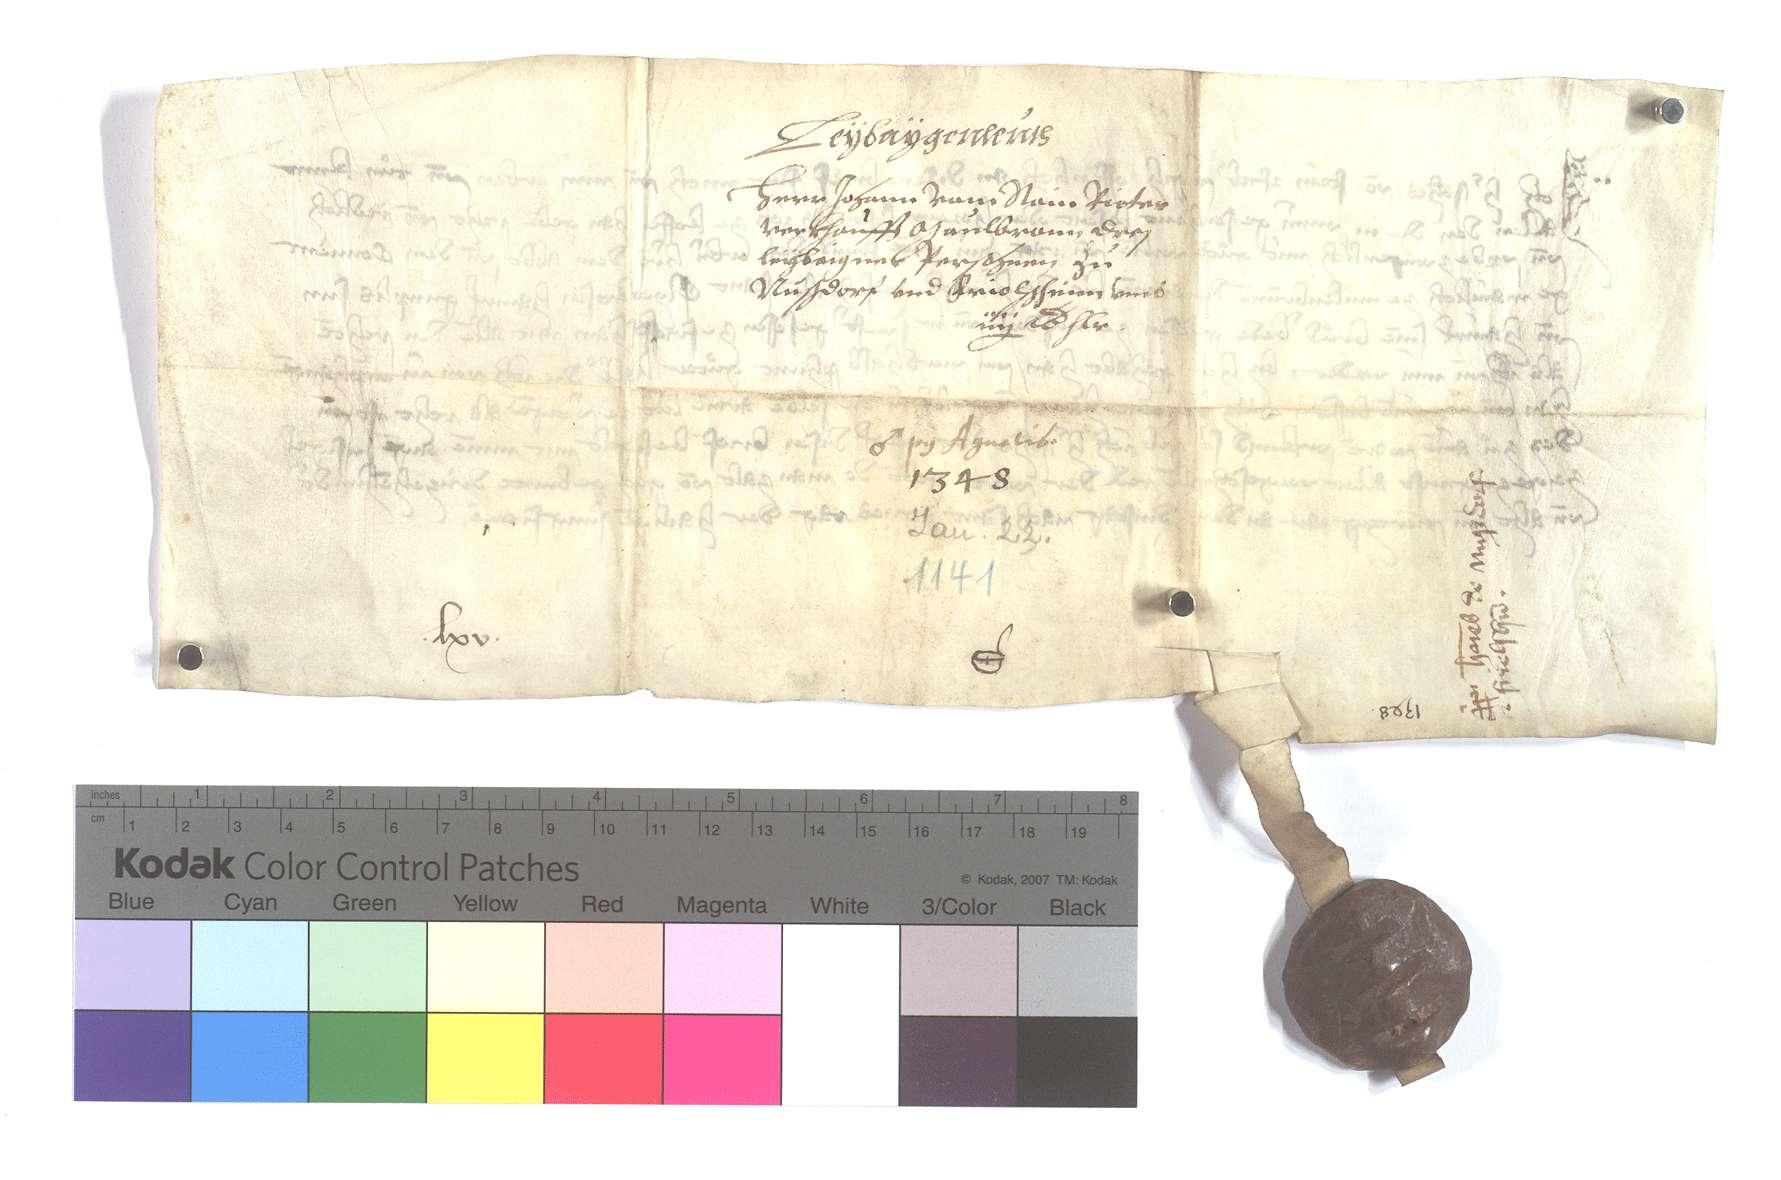 Fertigung des Johann vom Stein gegen das Kloster Maulbronn um drei Leibeigene zu Nußdorf und Friolzheim., Rückseite